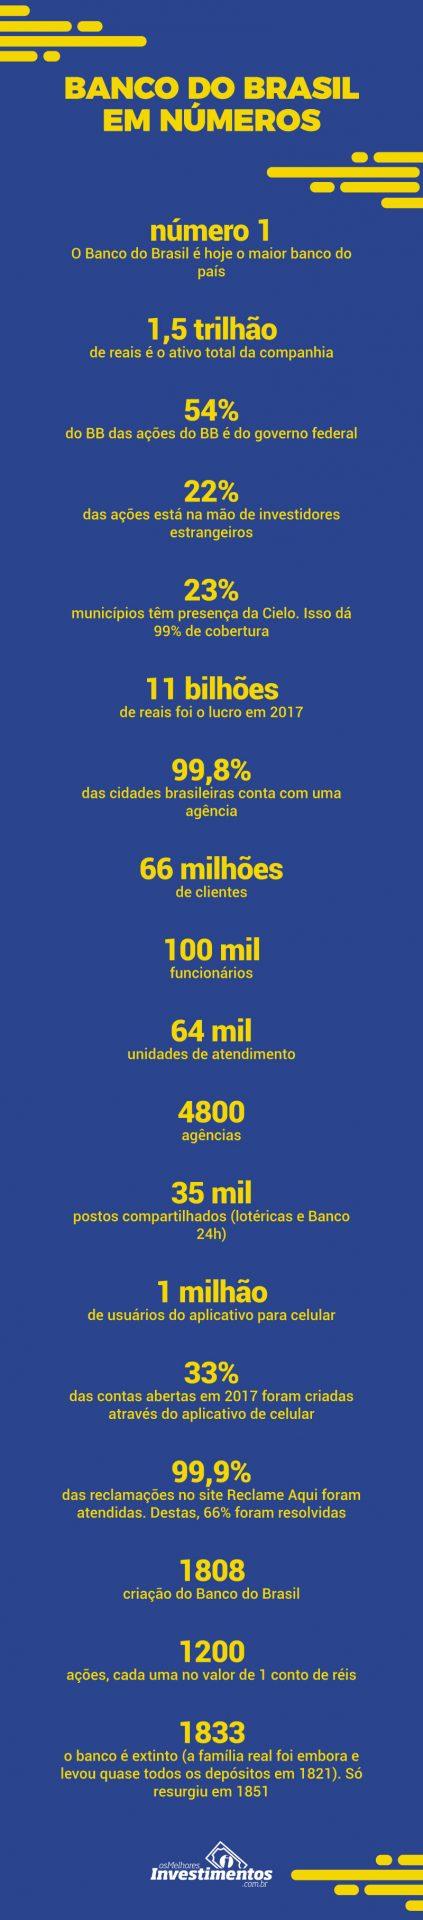 Infográfico - Ações do Banco do Brasil